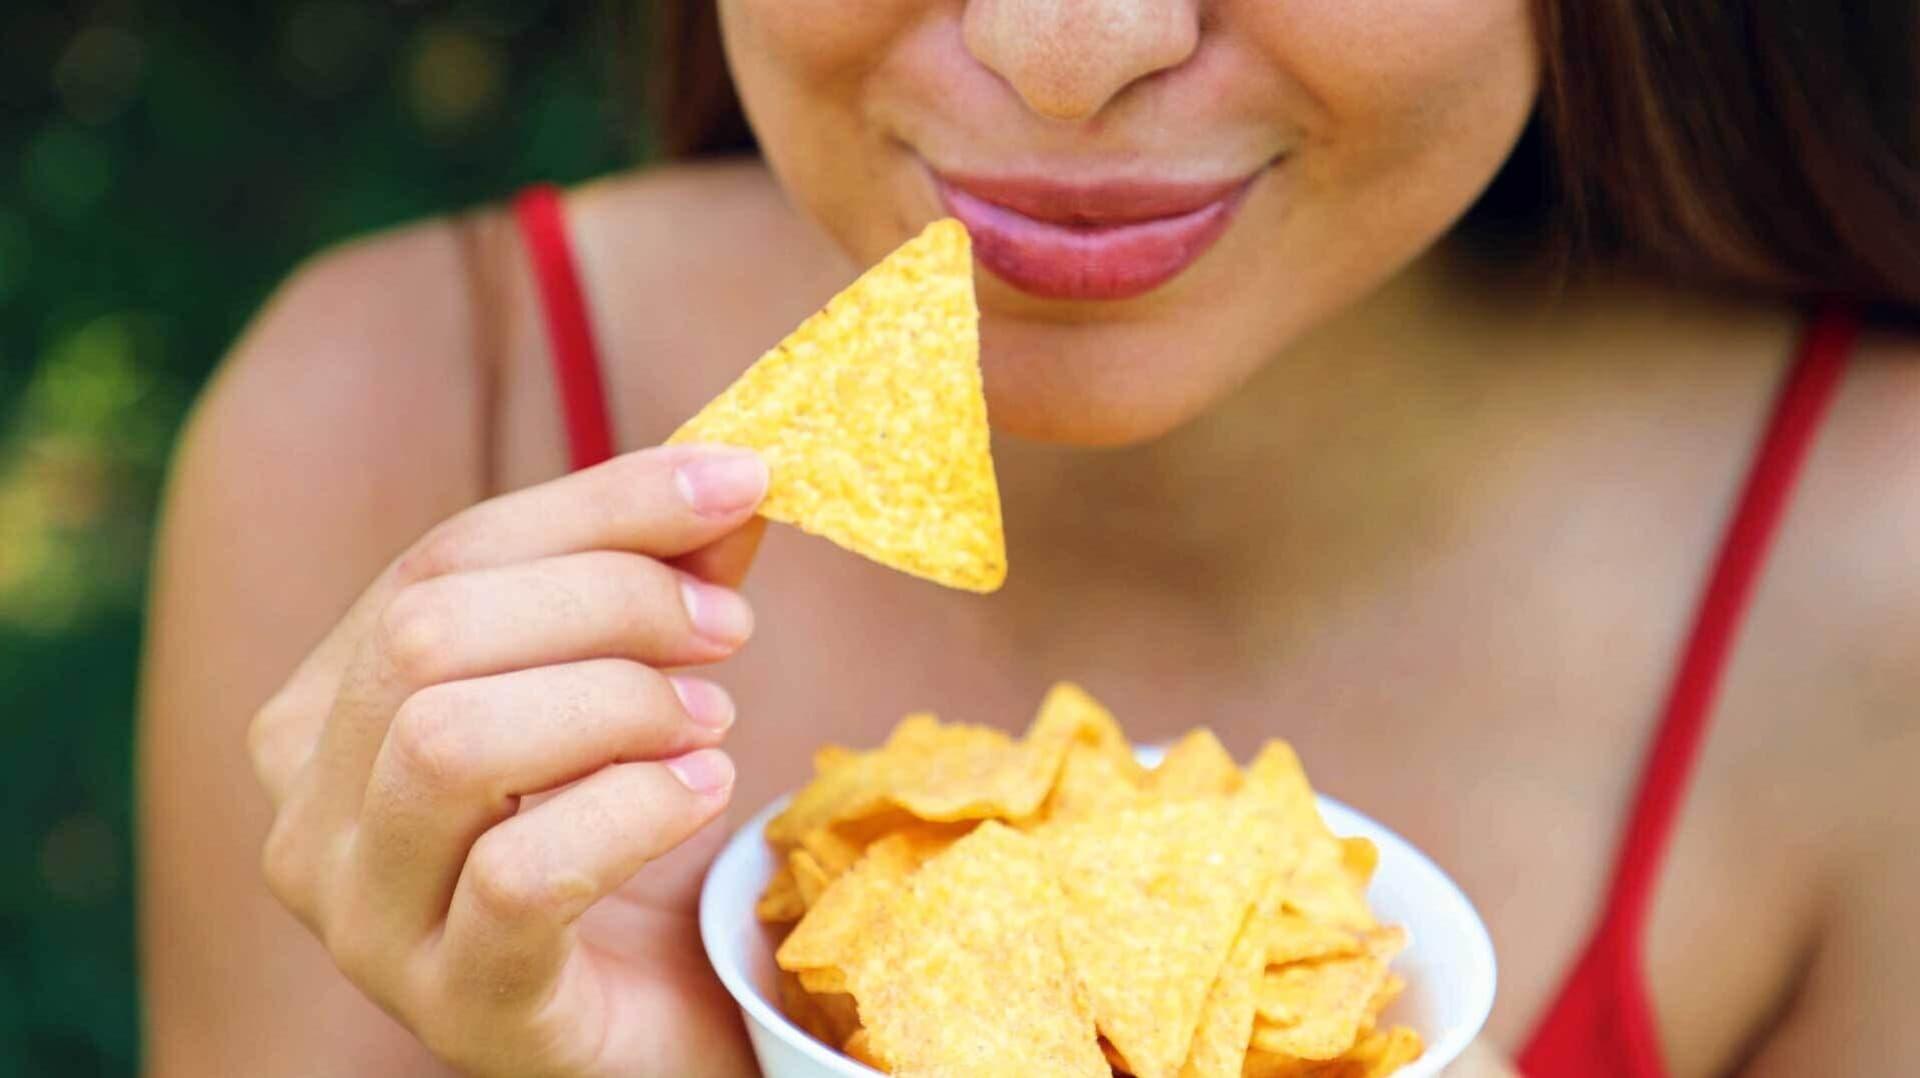 Eine Frau hält einen Tortilla Chip in der Hand und führt ihn zum Mund.